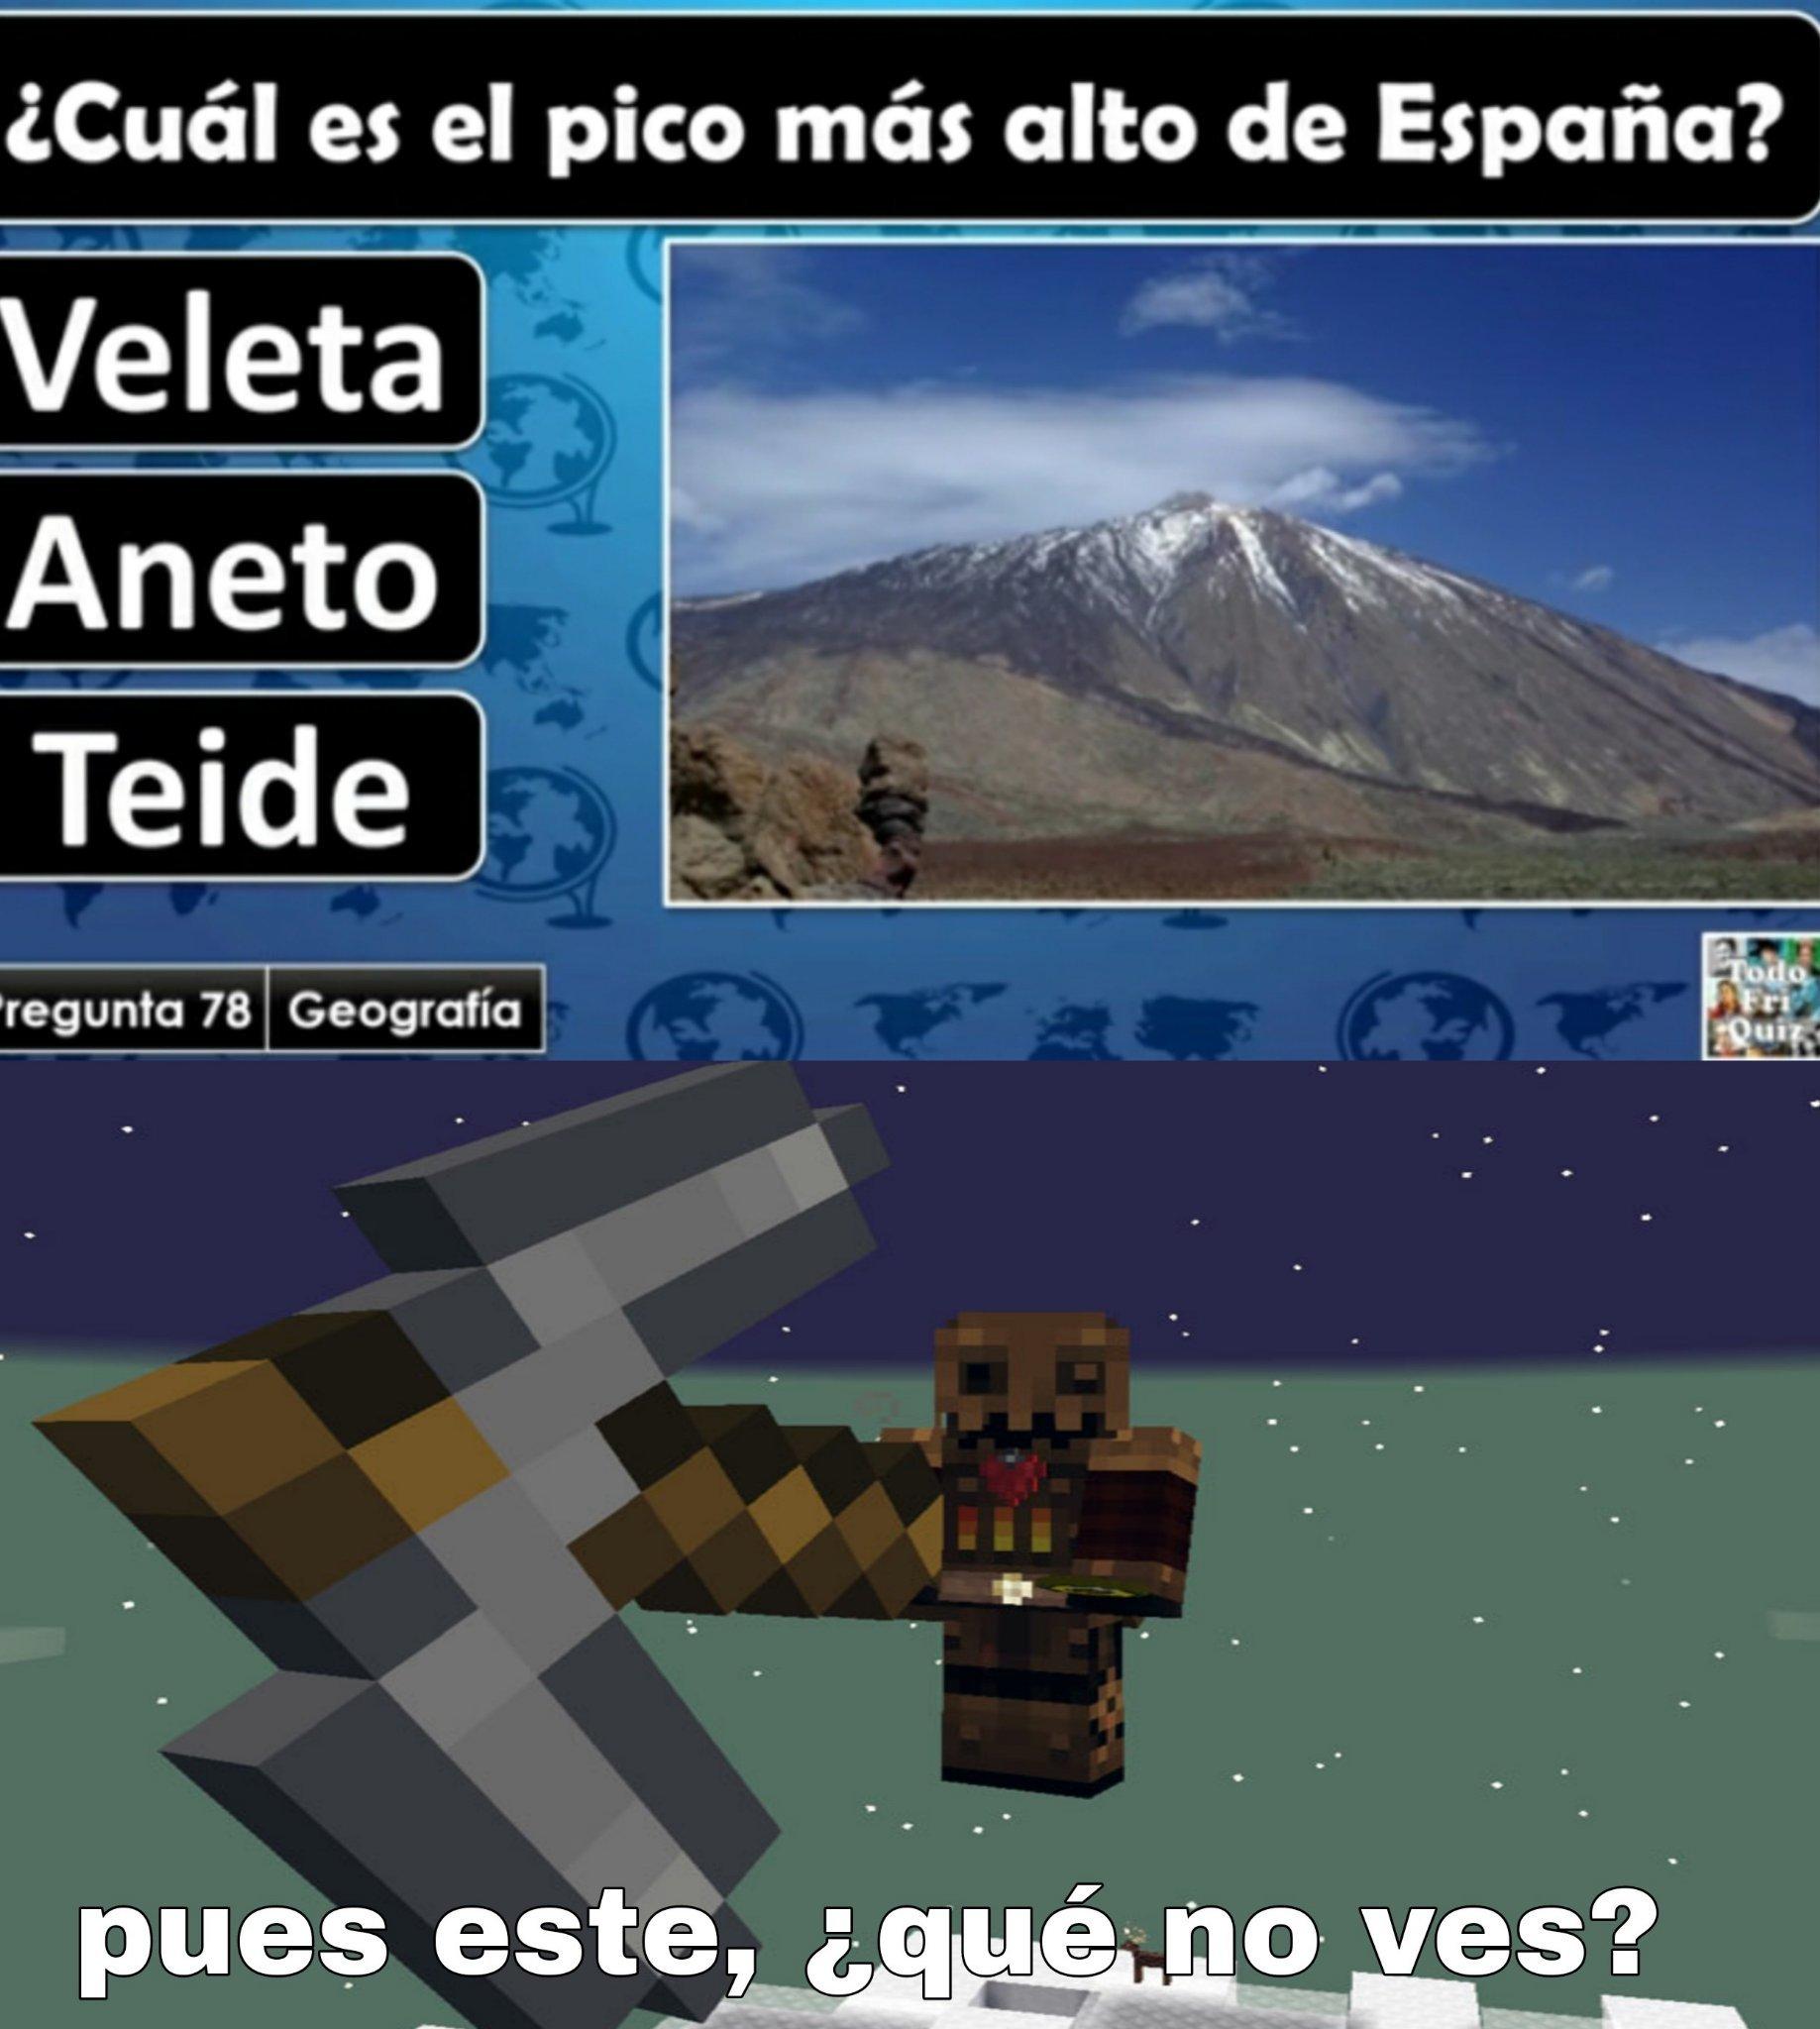 Wendys españa=minecraft (cumedy) - meme